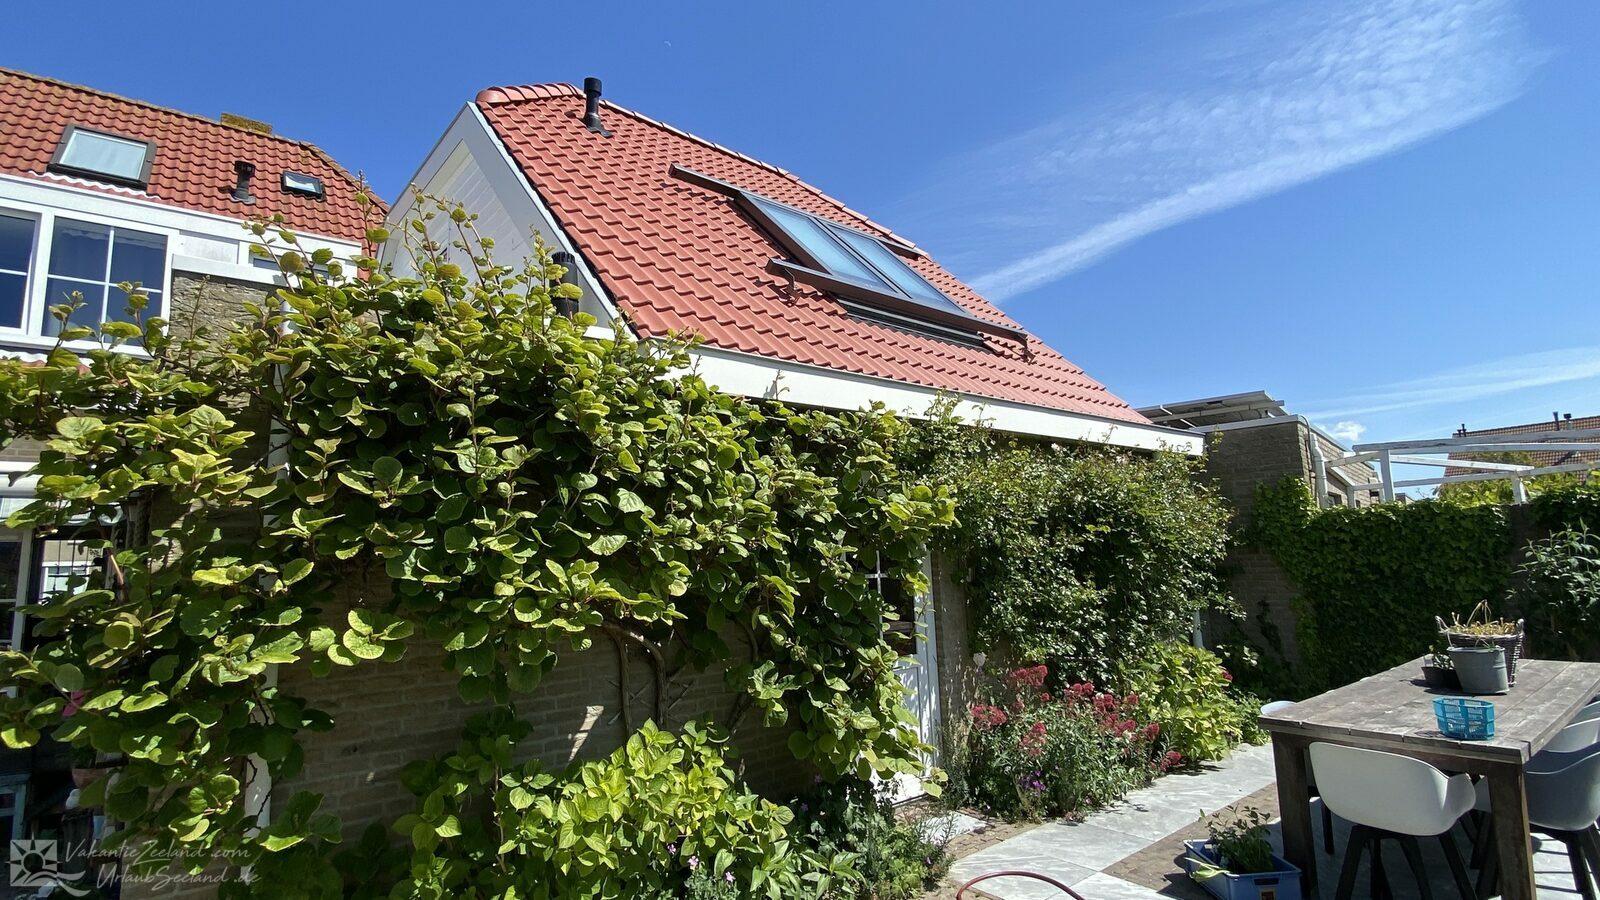 VZ861 Vakantiestudio in Westkapelle